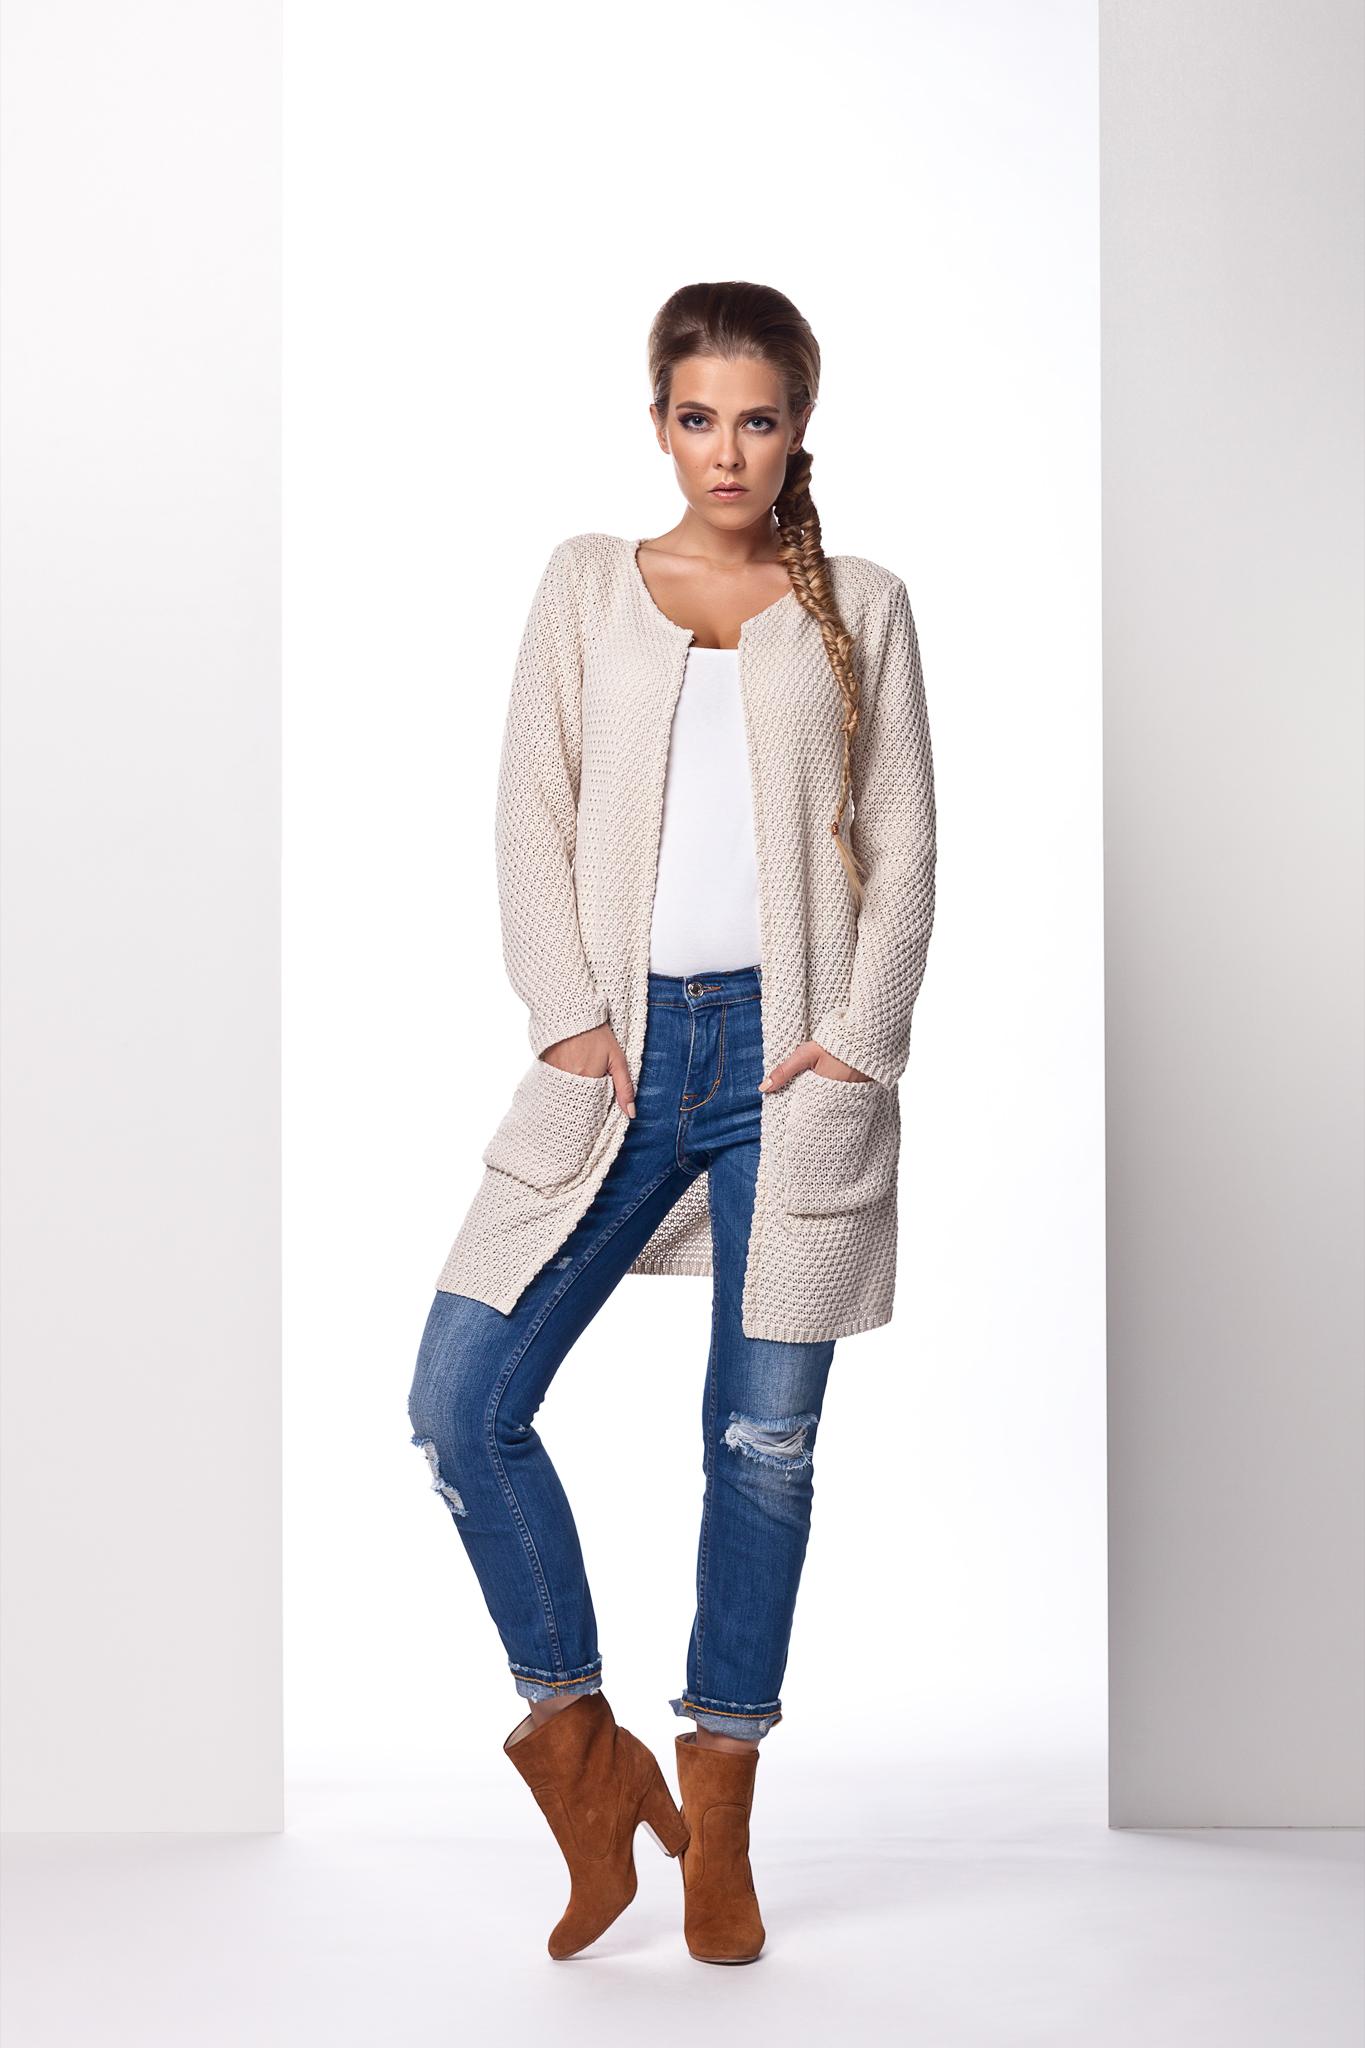 Dlouhý svetr s kapsami, béžová, jednotná